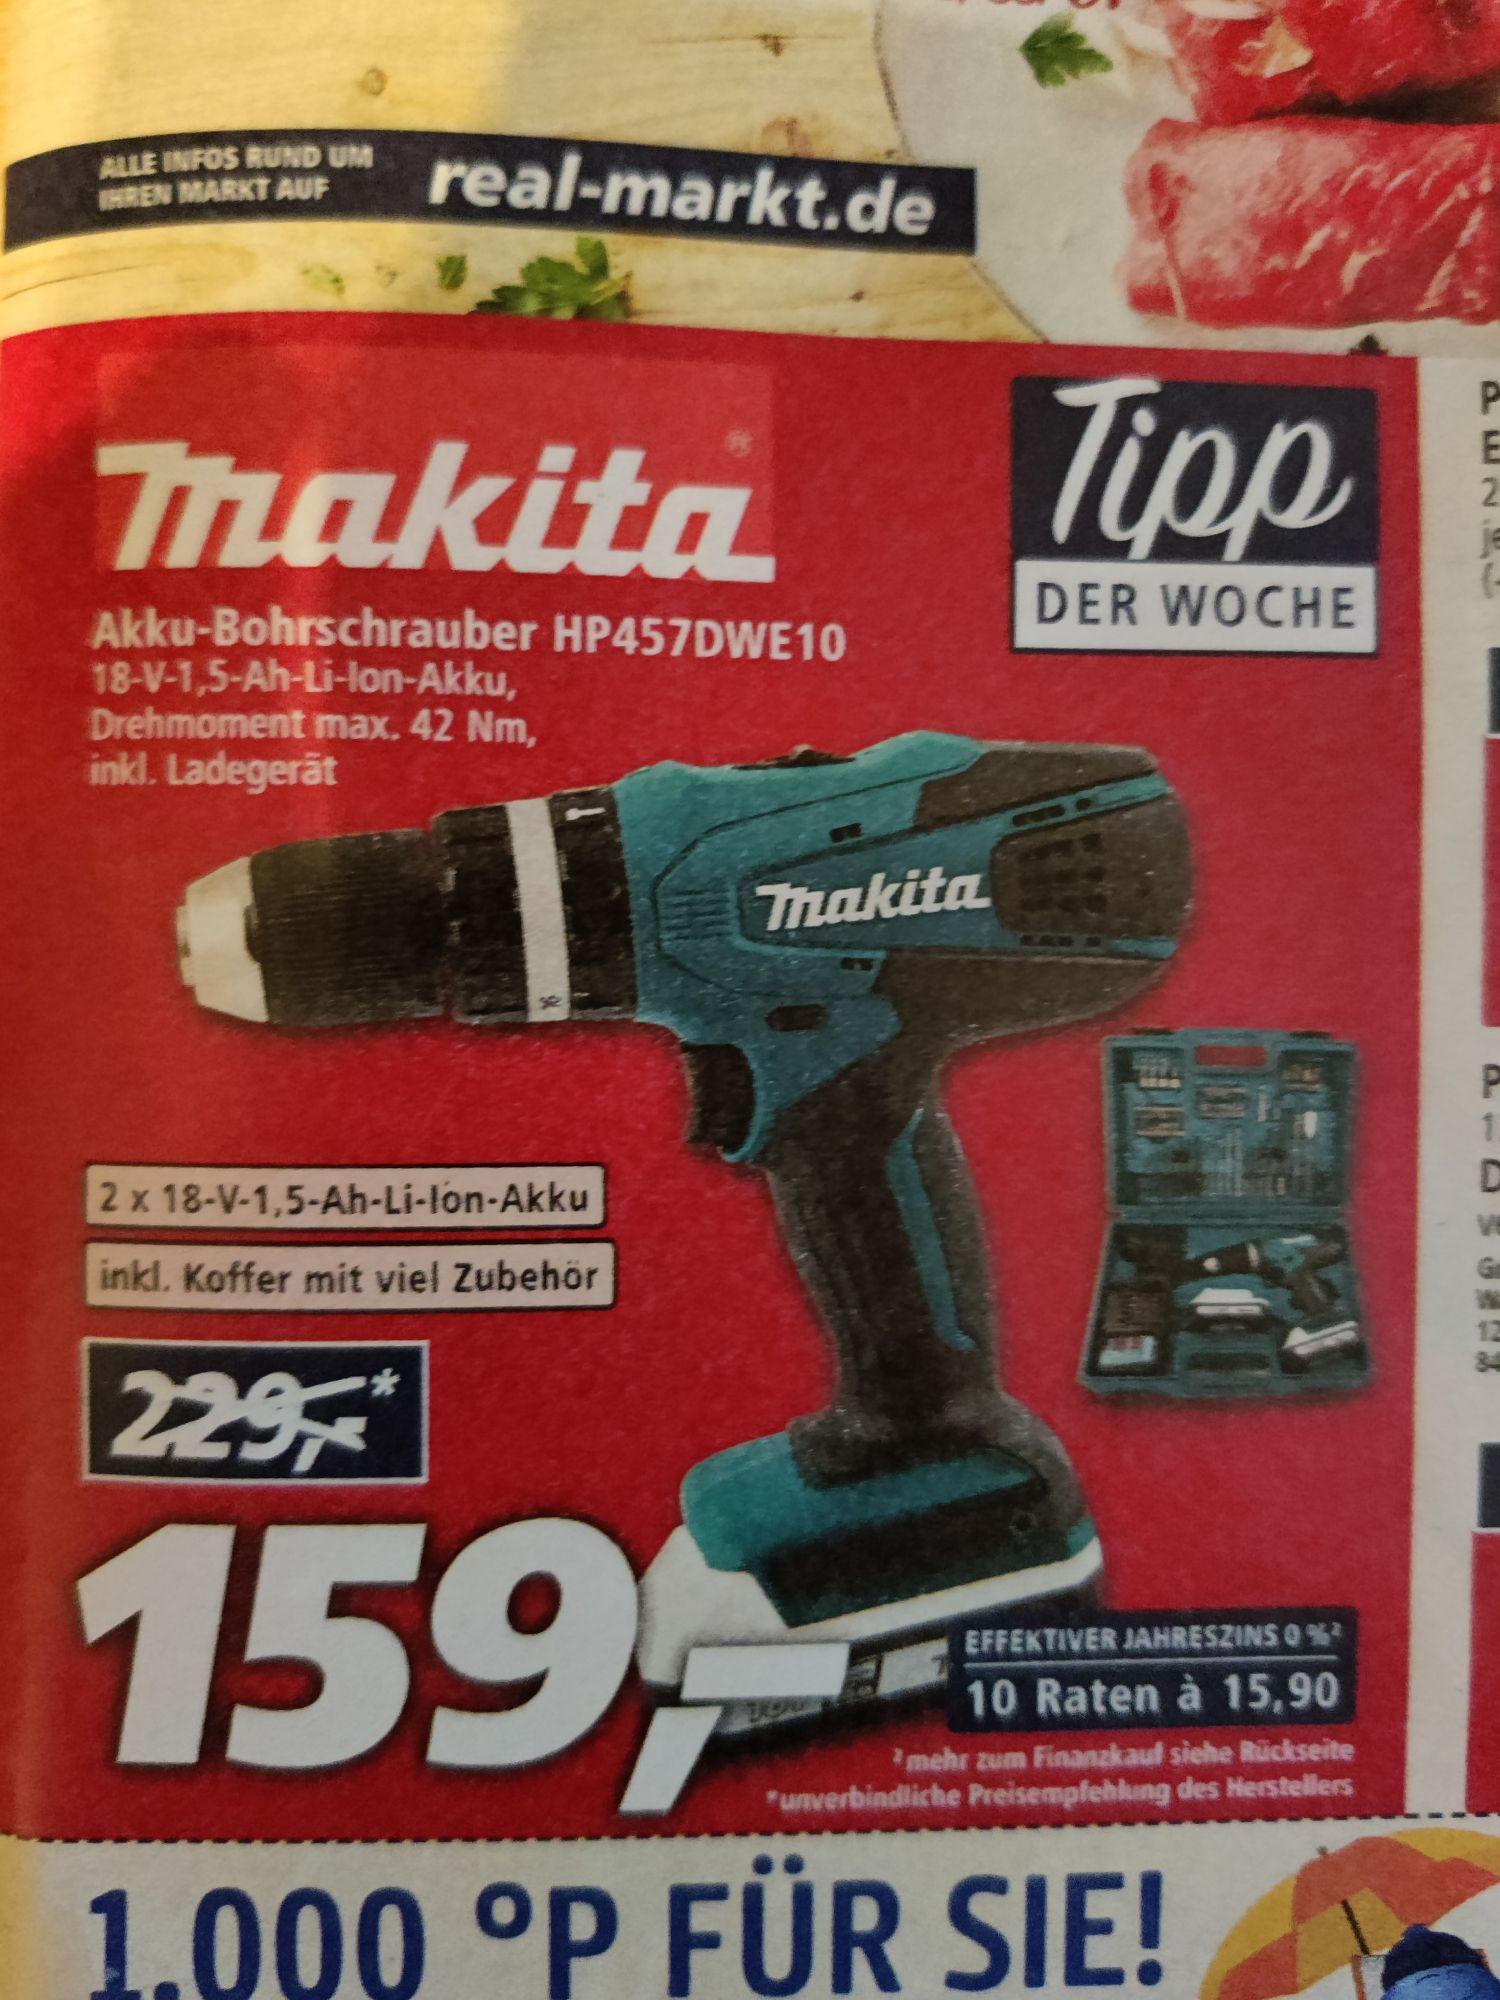 Makita Akku-Bohrschrauber HP457DWE10 (lokal)